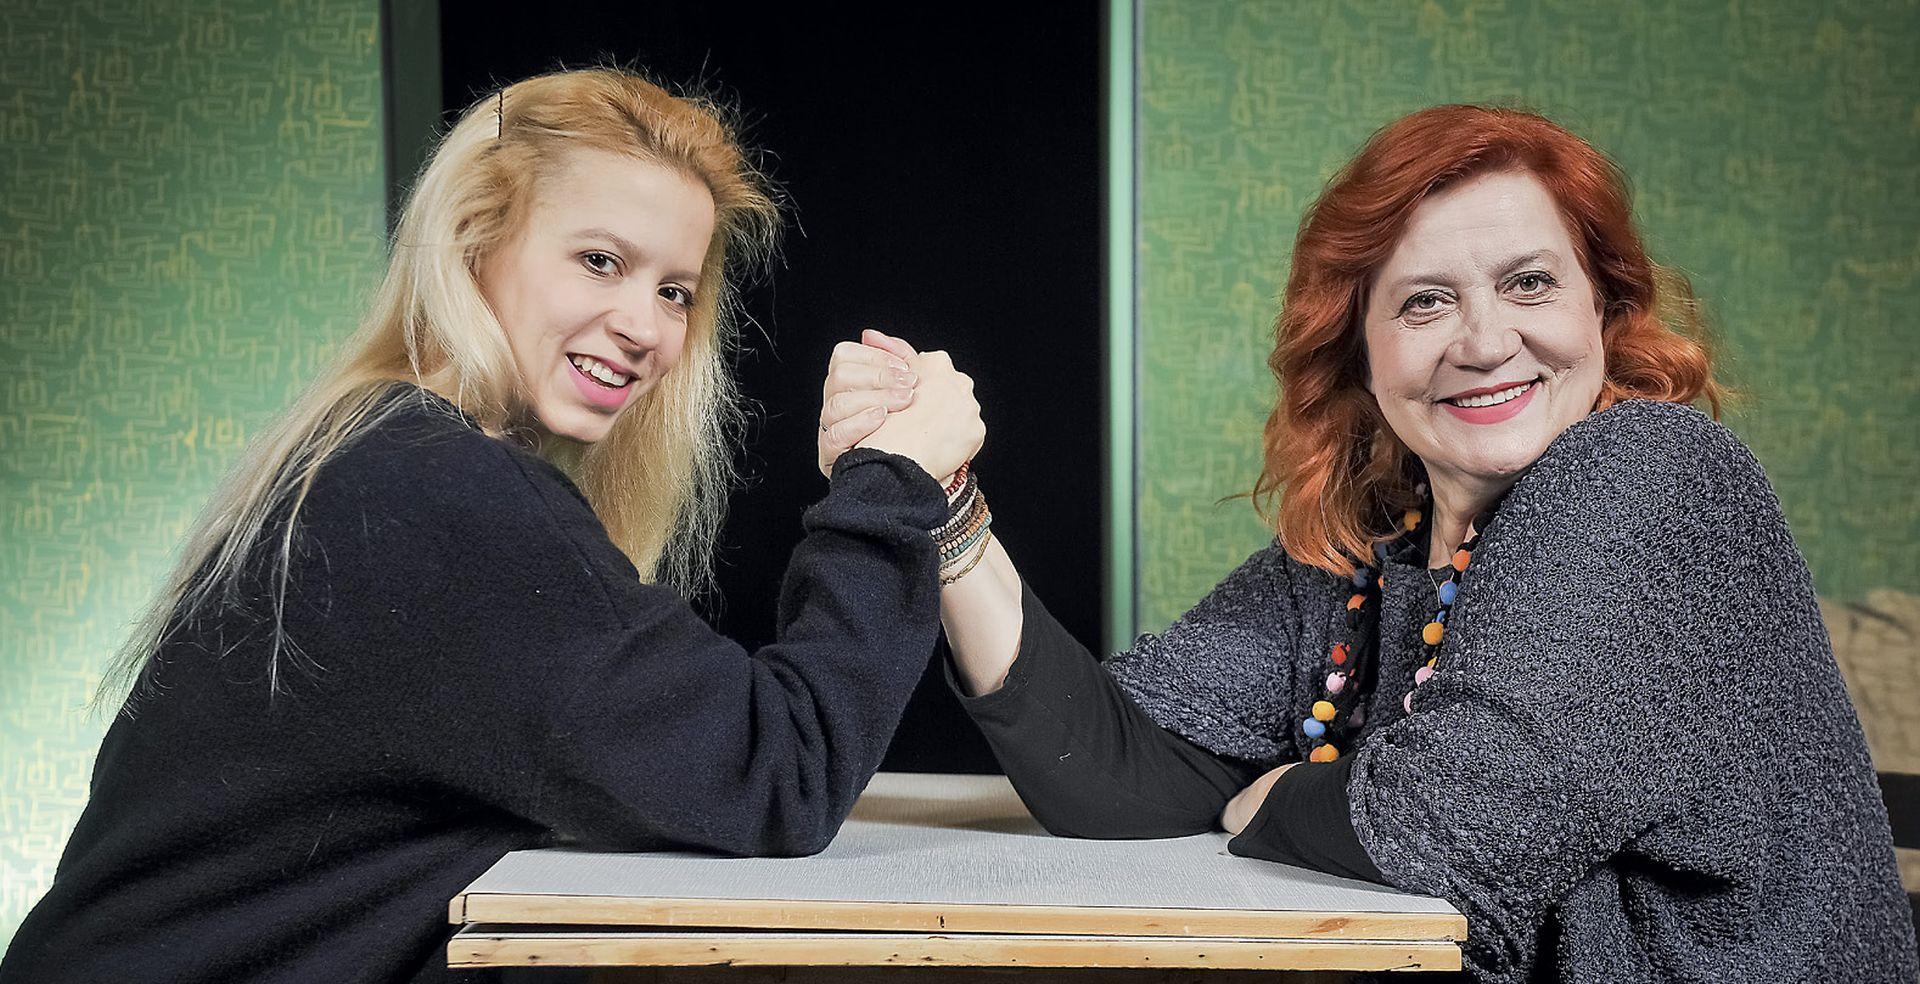 Glumački obračun majke i kćeri na pozornici